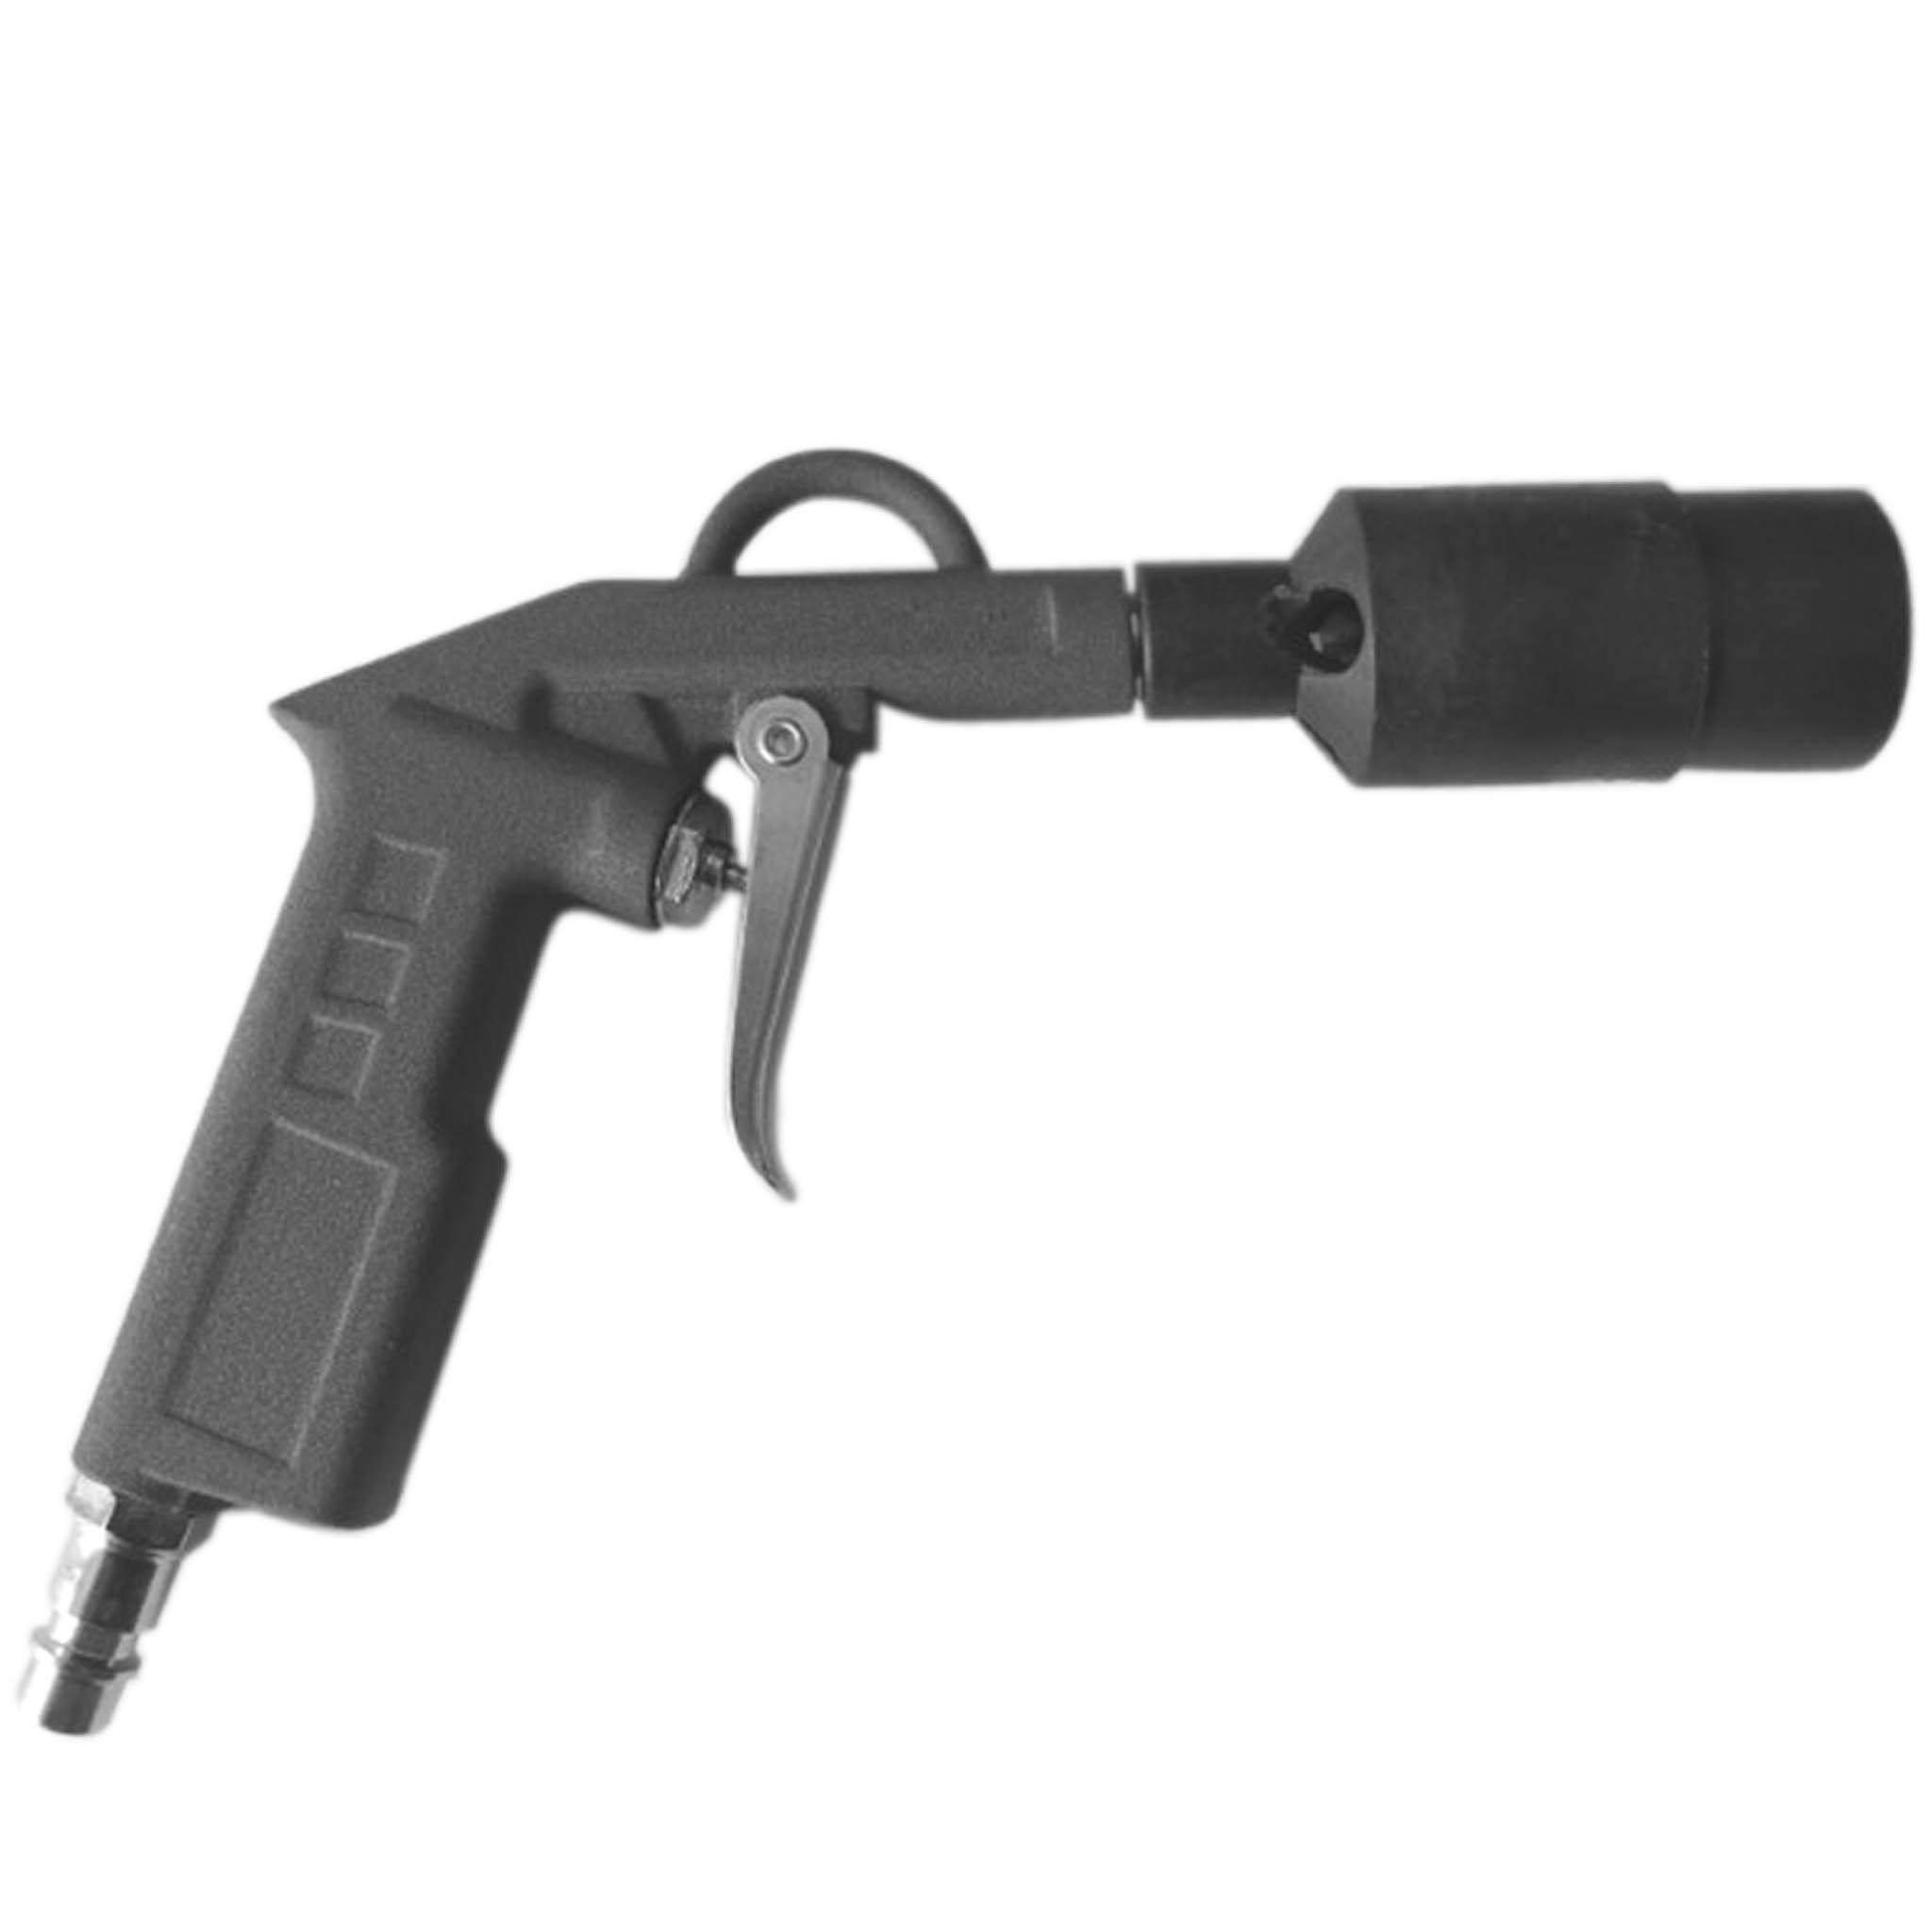 Luftpistole für Staupolstersäcke